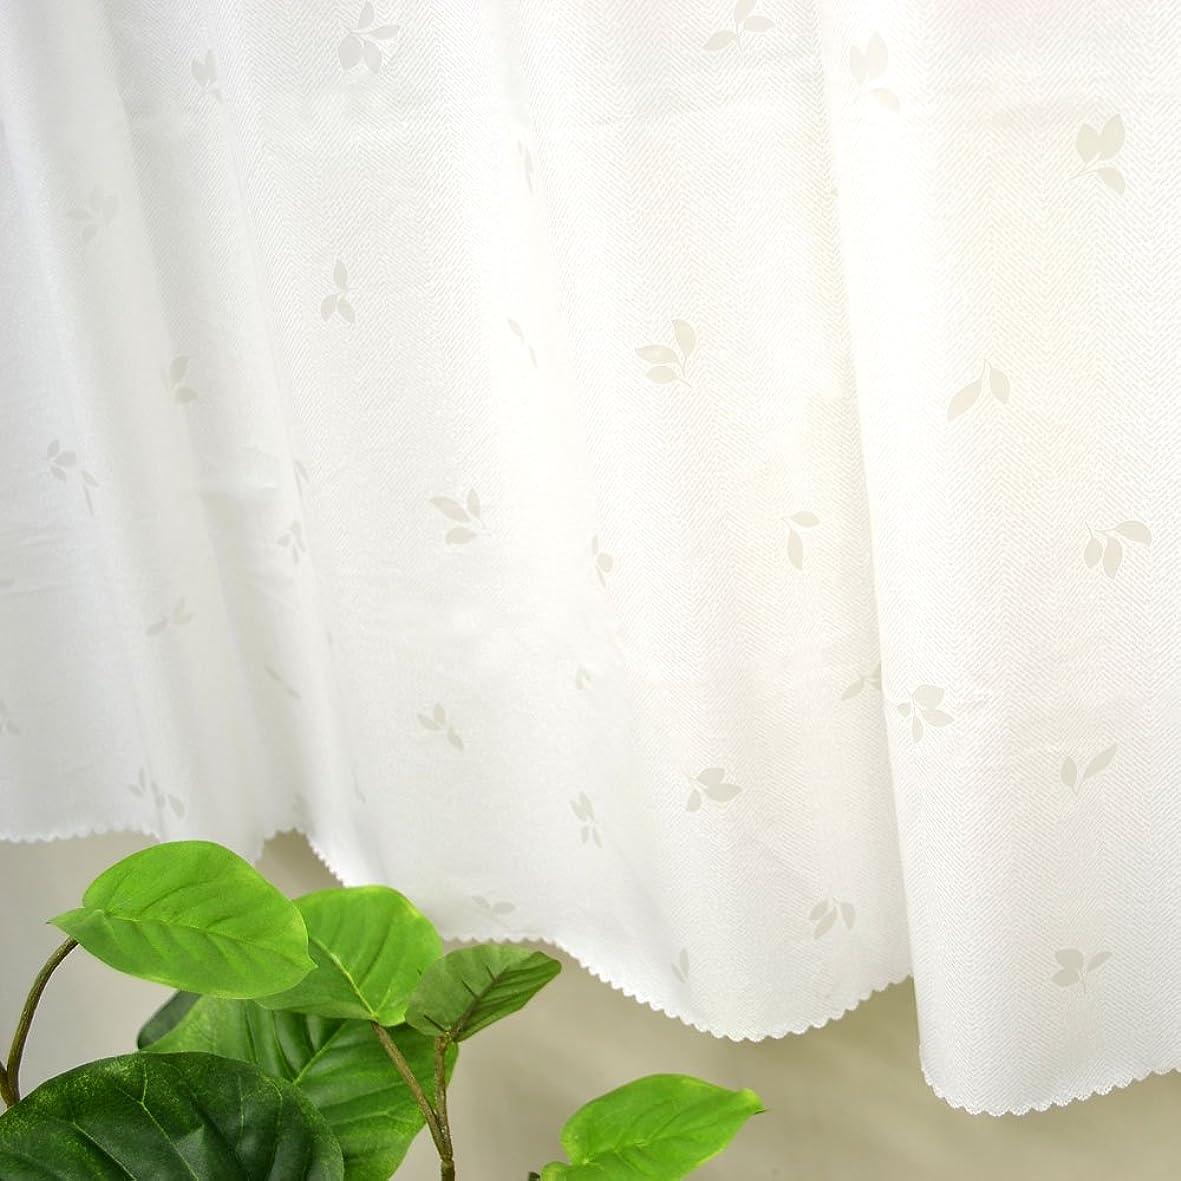 ダニアカデミーダニ防水 防カビ 遮像 お風呂に最適 カフェカーテン 「リーフ柄」 (幅 140cm x 丈 80cm, ホワイト)